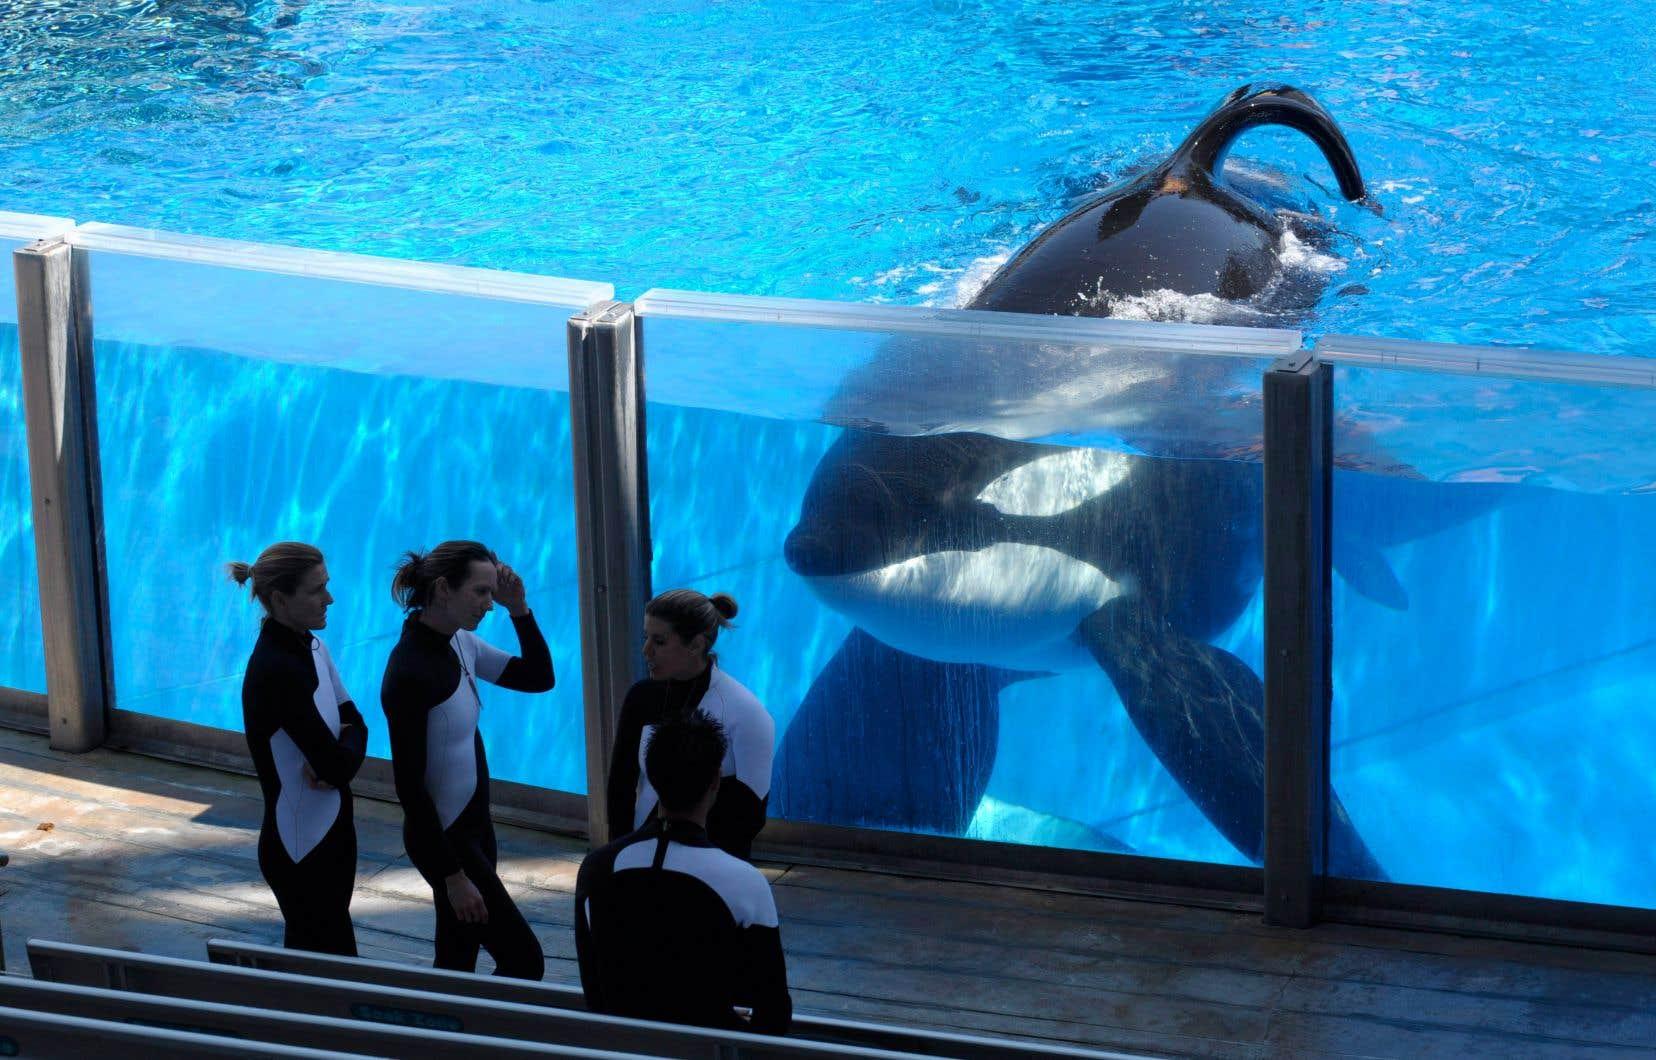 Fondé en 1959 aux États-Unis, SeaWorld Entertainment a vu sa réputation entachée par plusieurs scandales et l'opposition farouche d'organisations environnementales.